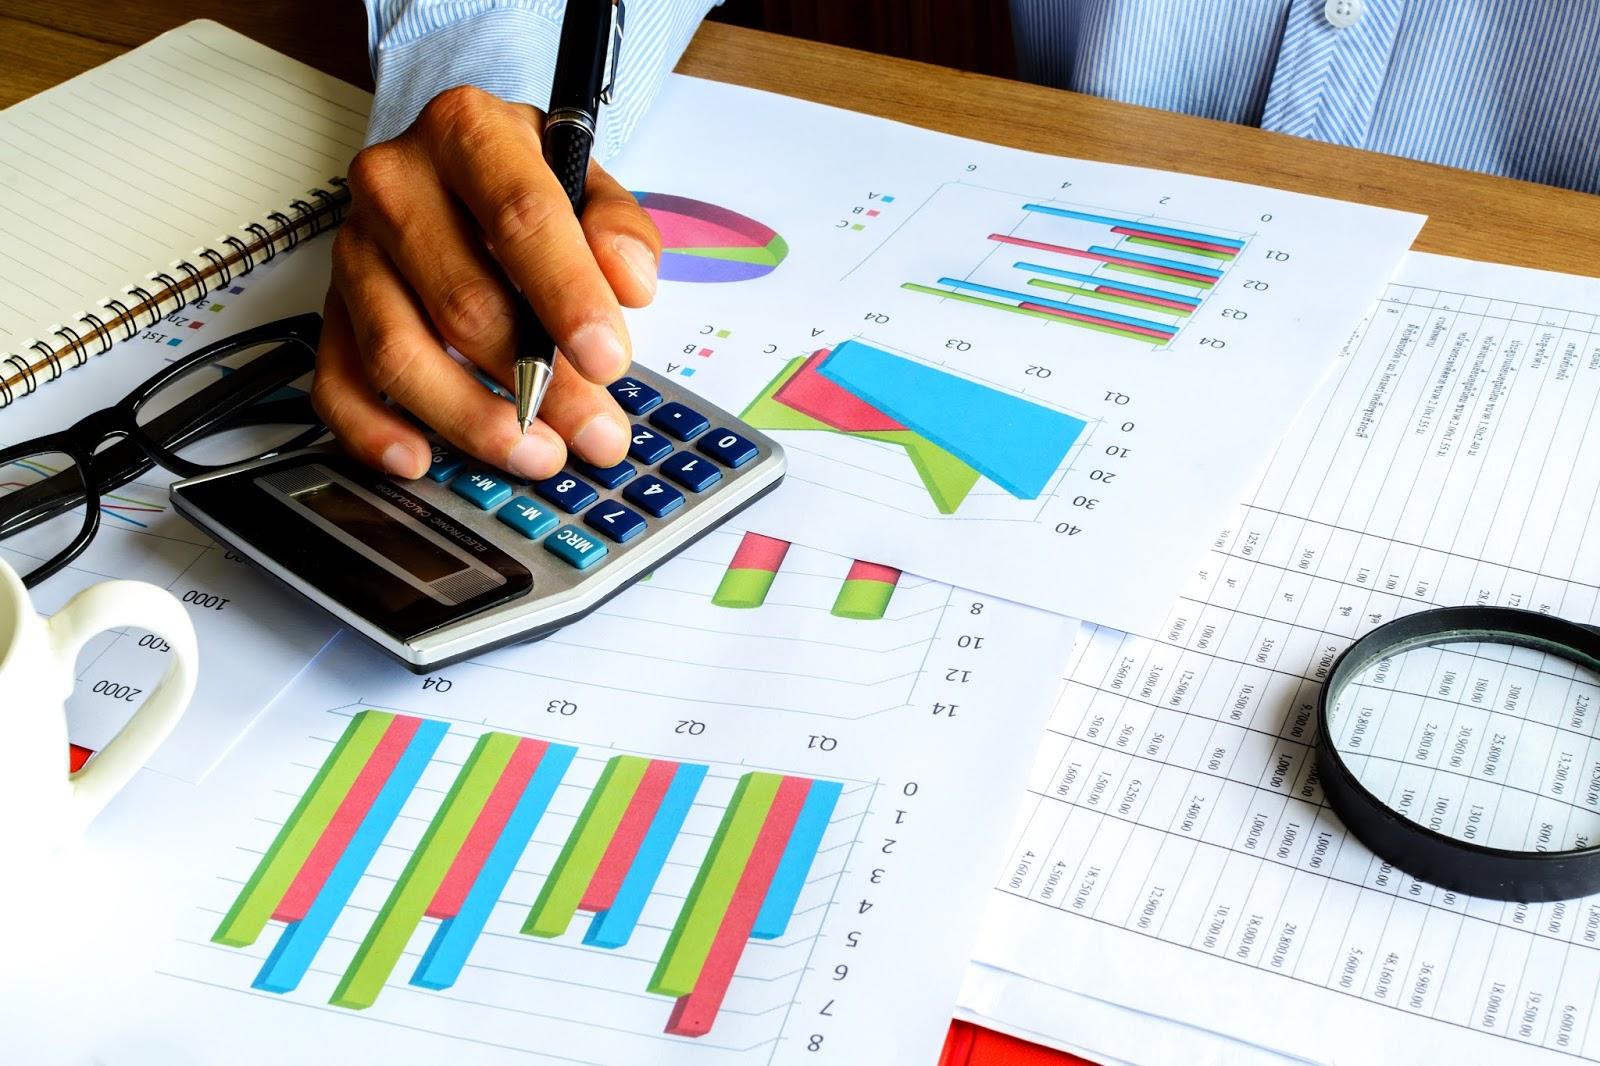 analisis financiero Análisis financieroes una técnica con el fin de evaluar el comportamiento operativo de una empresa, la situación anterior, su diagnóstico de la situación actual y la predicción de los eventos futuros y que, en consecuencia, se orienta hacia la obtención de objetivos previamente definidos.